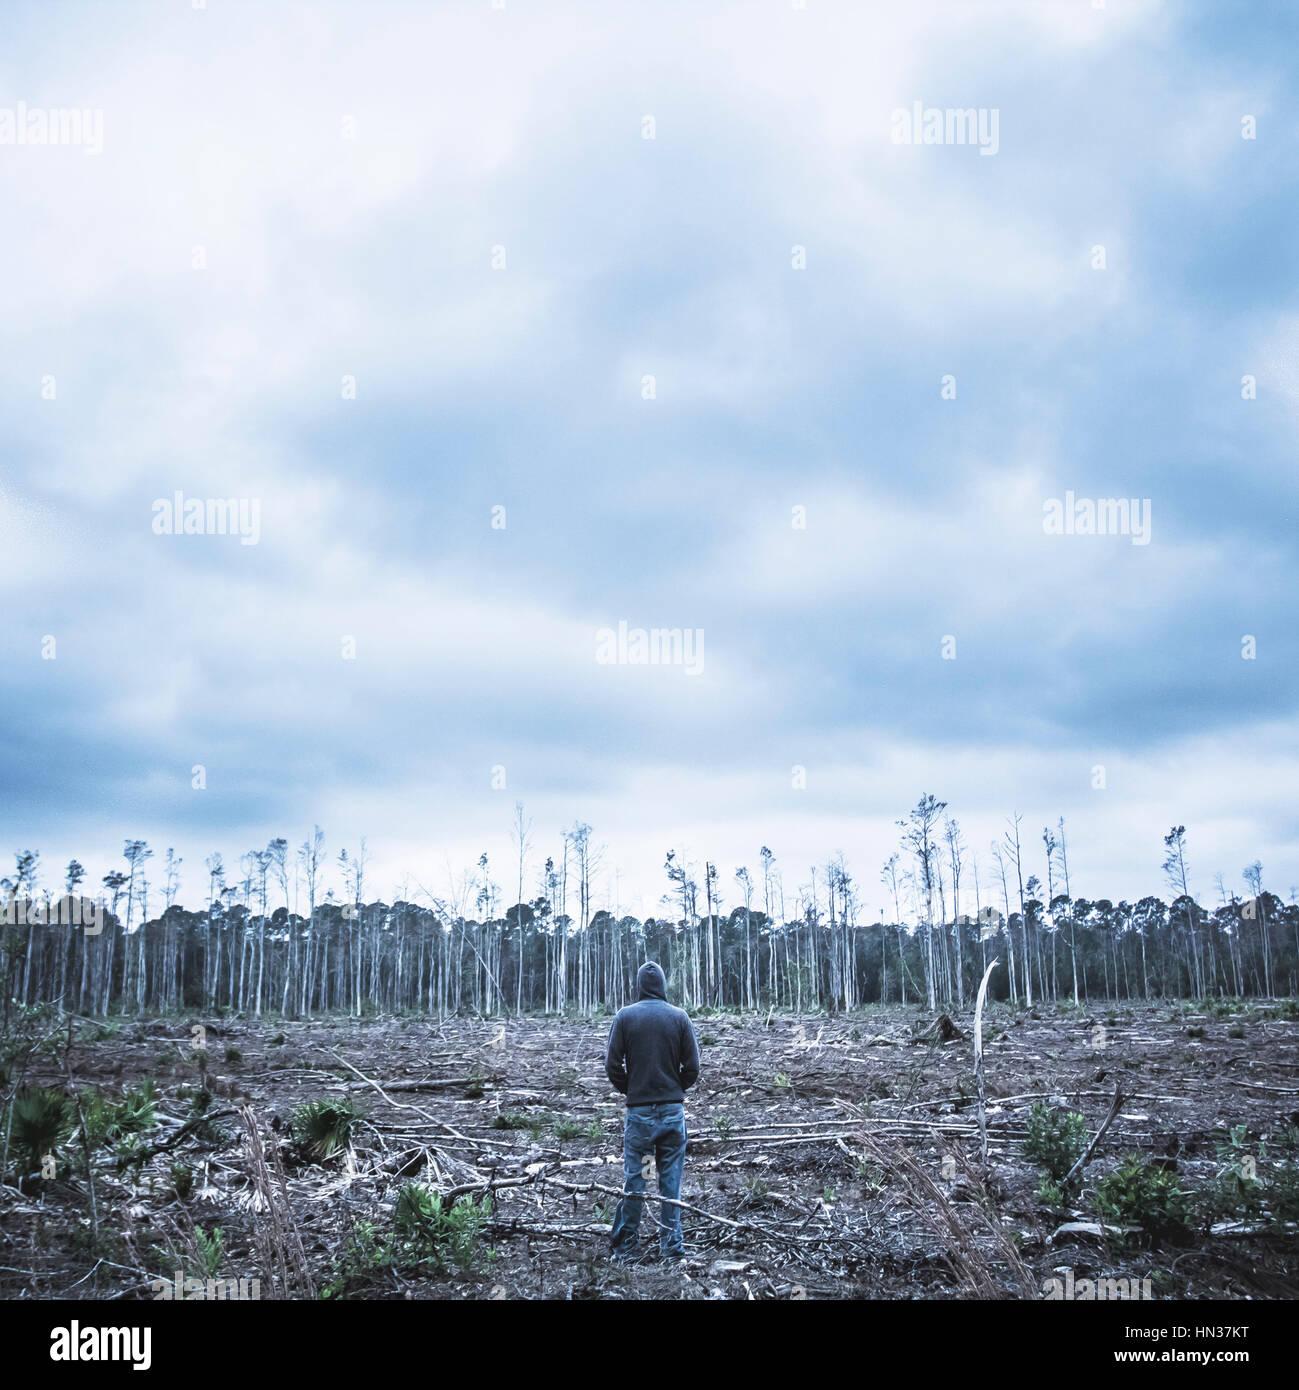 Uomo in piedi da solo tra una scena di deforestazione Immagini Stock